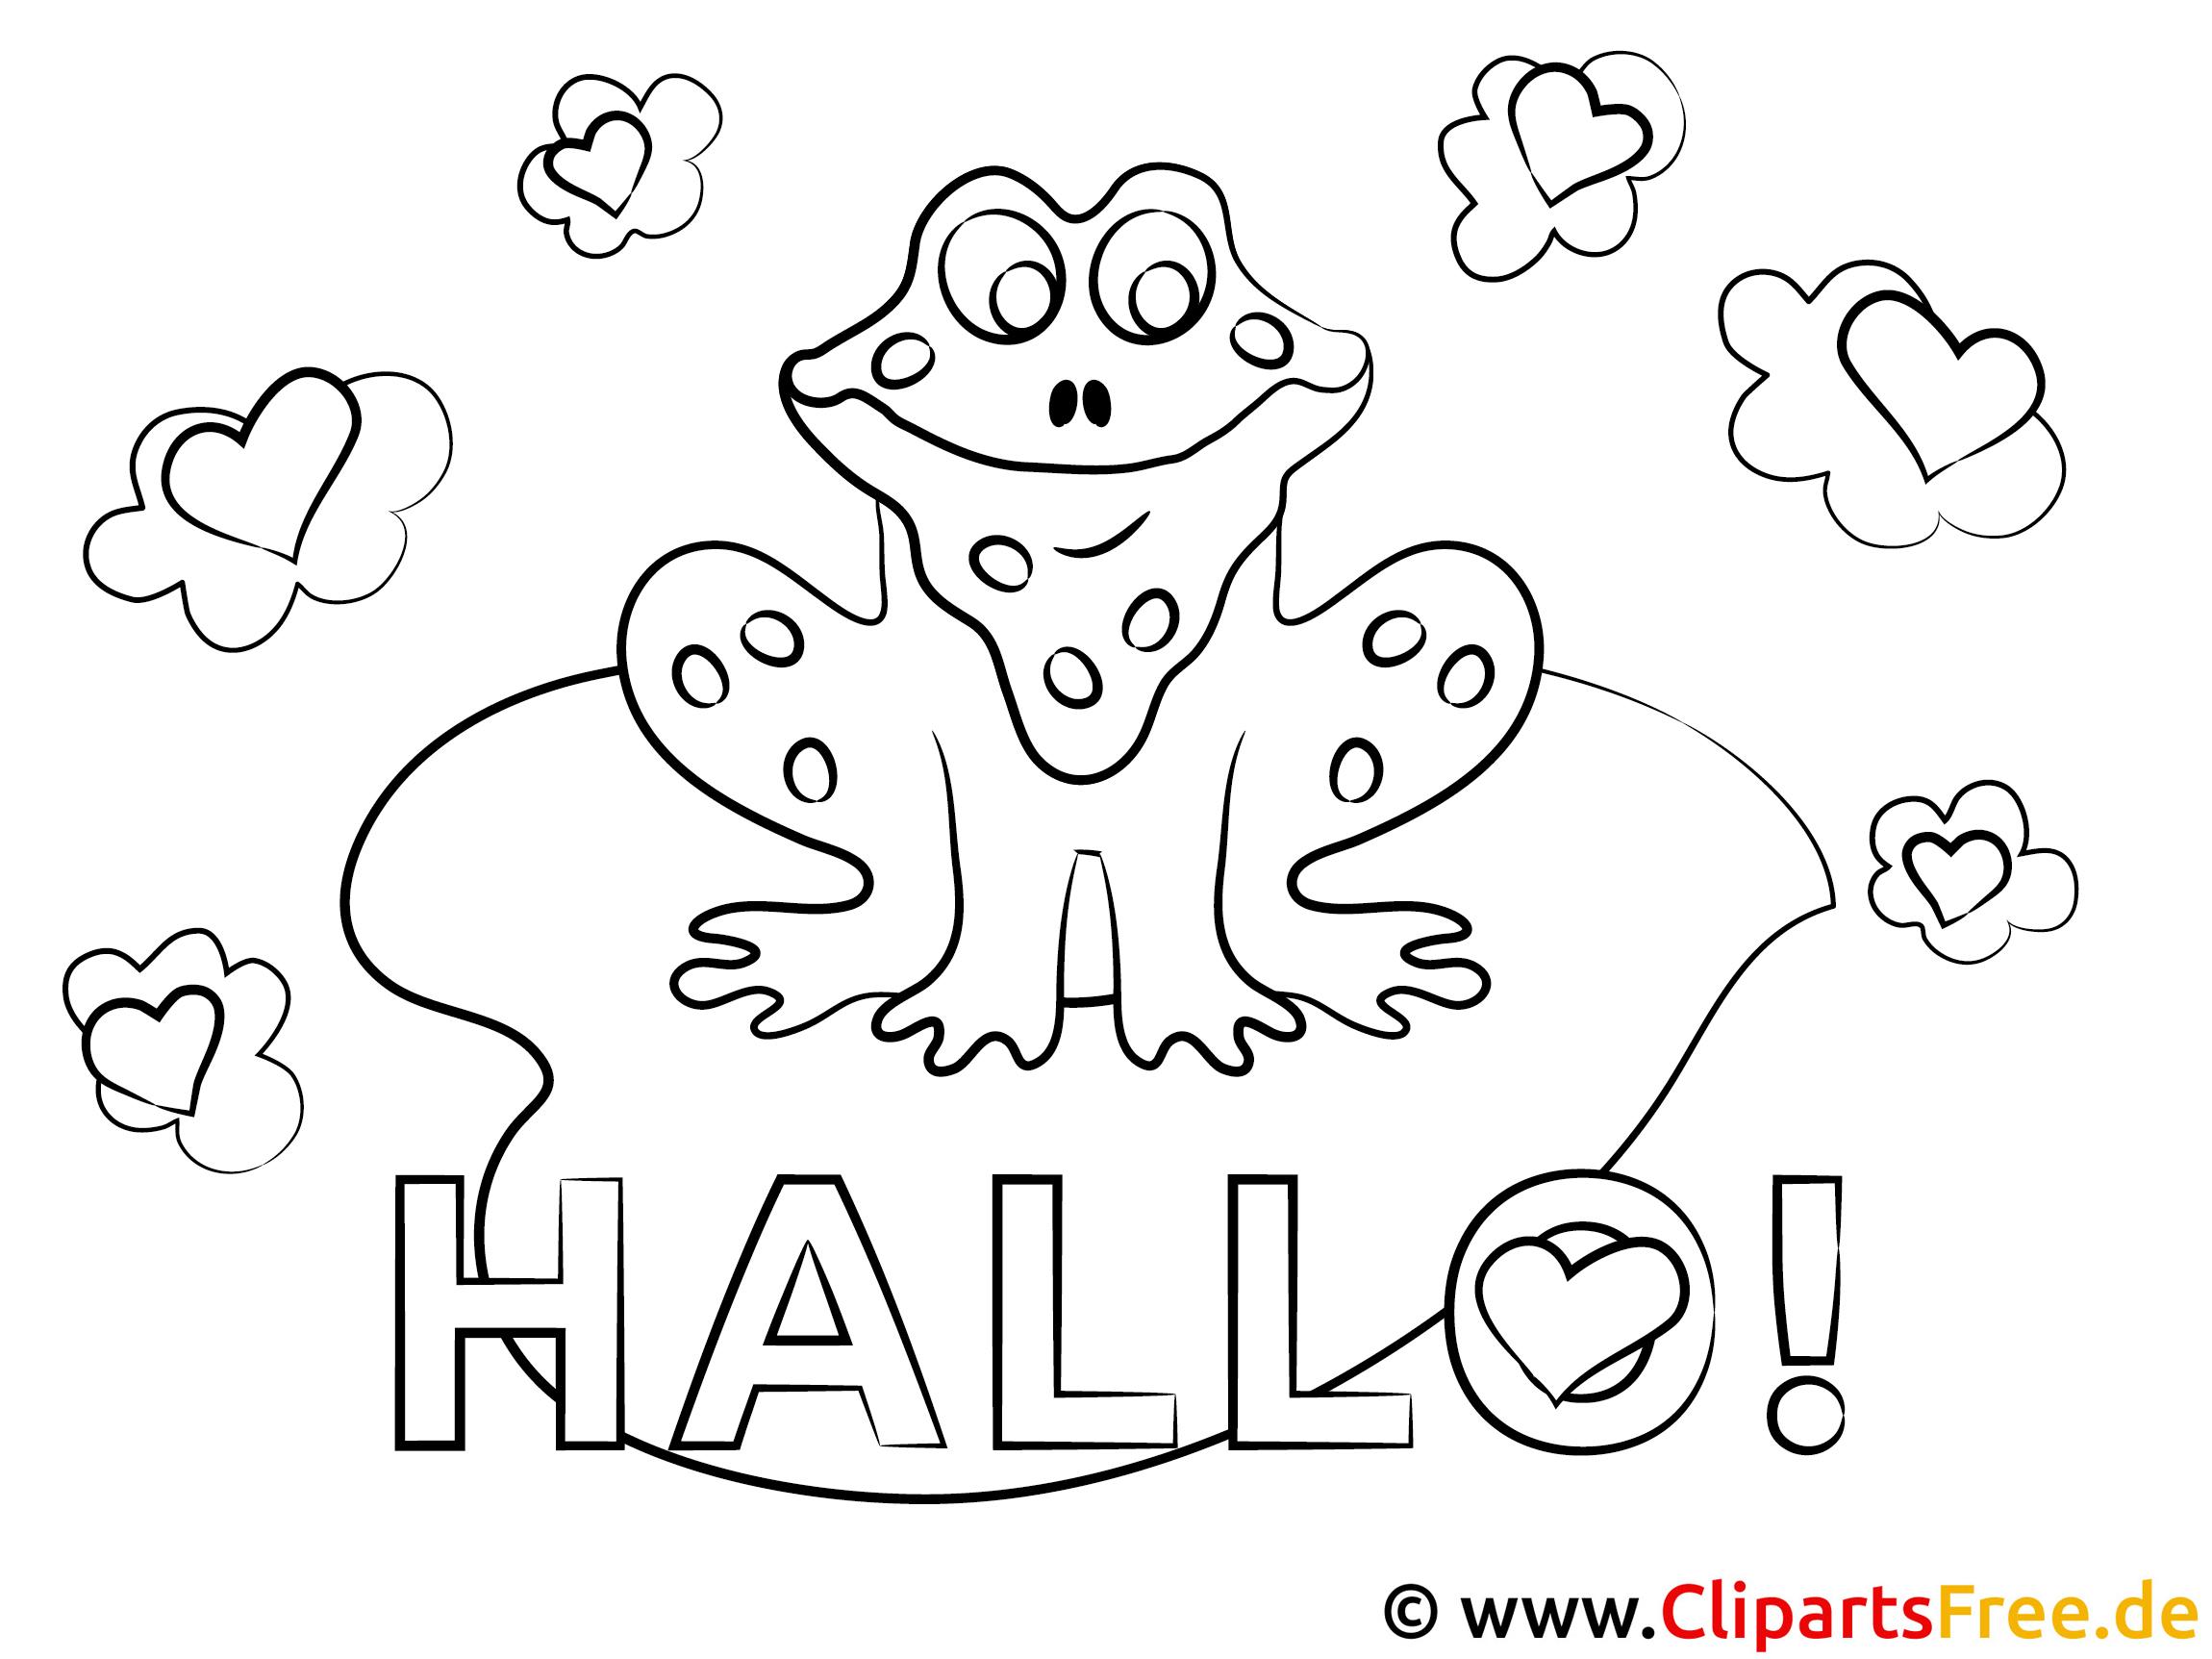 frosch hallo ausmalbilder für kinder kostenlos ausdrucken